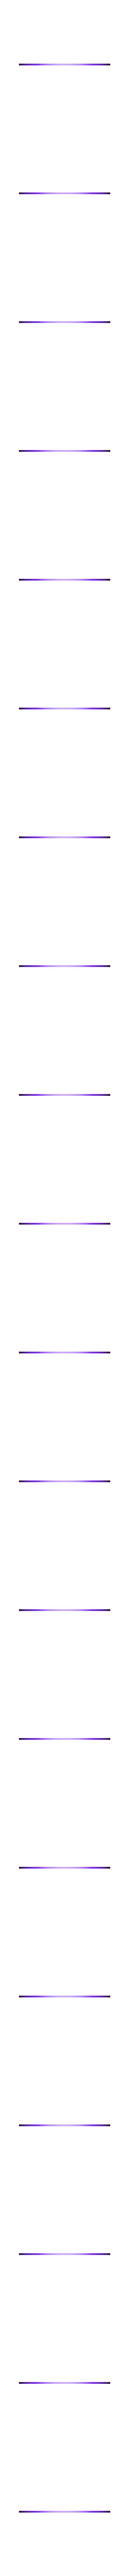 FresnelOptimum2.stl Télécharger fichier STL gratuit Fresnel Miroir Réflecteur Réflecteur Cuisinière Solaire • Design imprimable en 3D, AlbertKhan3D